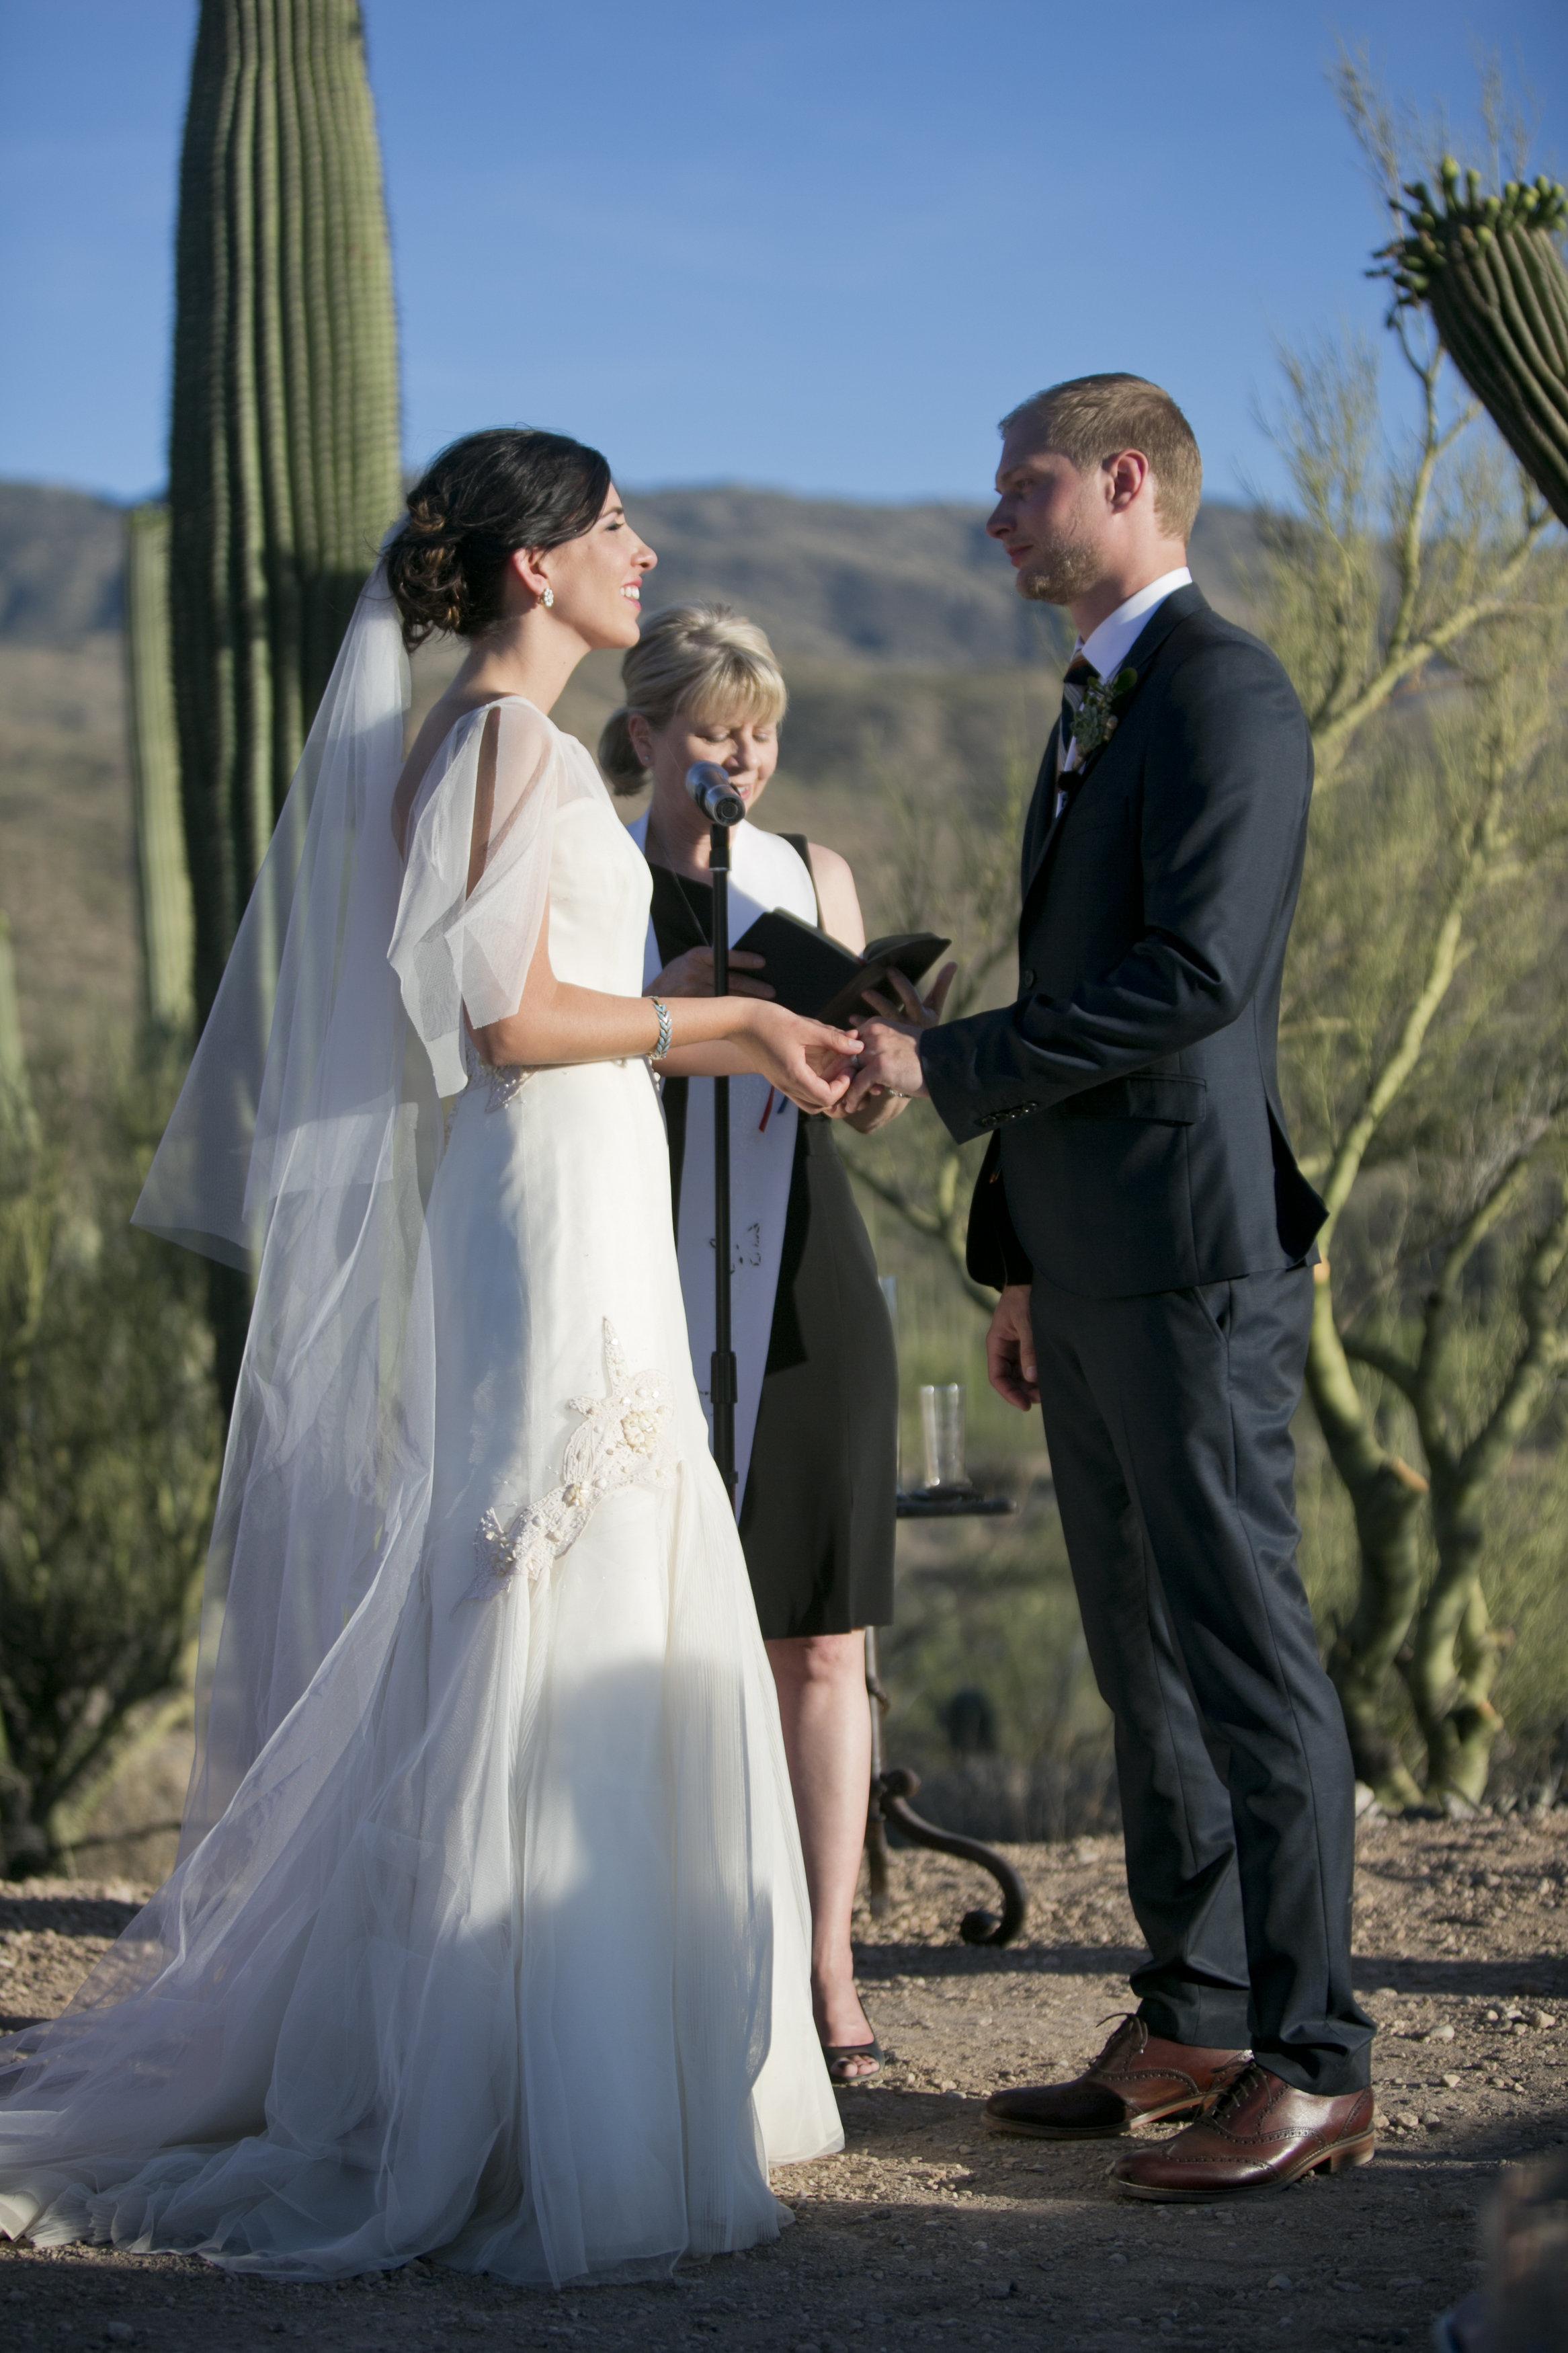 Ceci_New_York_Ceci_Style_Ceci_Johnson_Luxury_Lifestyle_Arizona_Wedding_Watercolor_Inspiration_Design_Custom_Couture_Personalized_Invitations_121.jpg